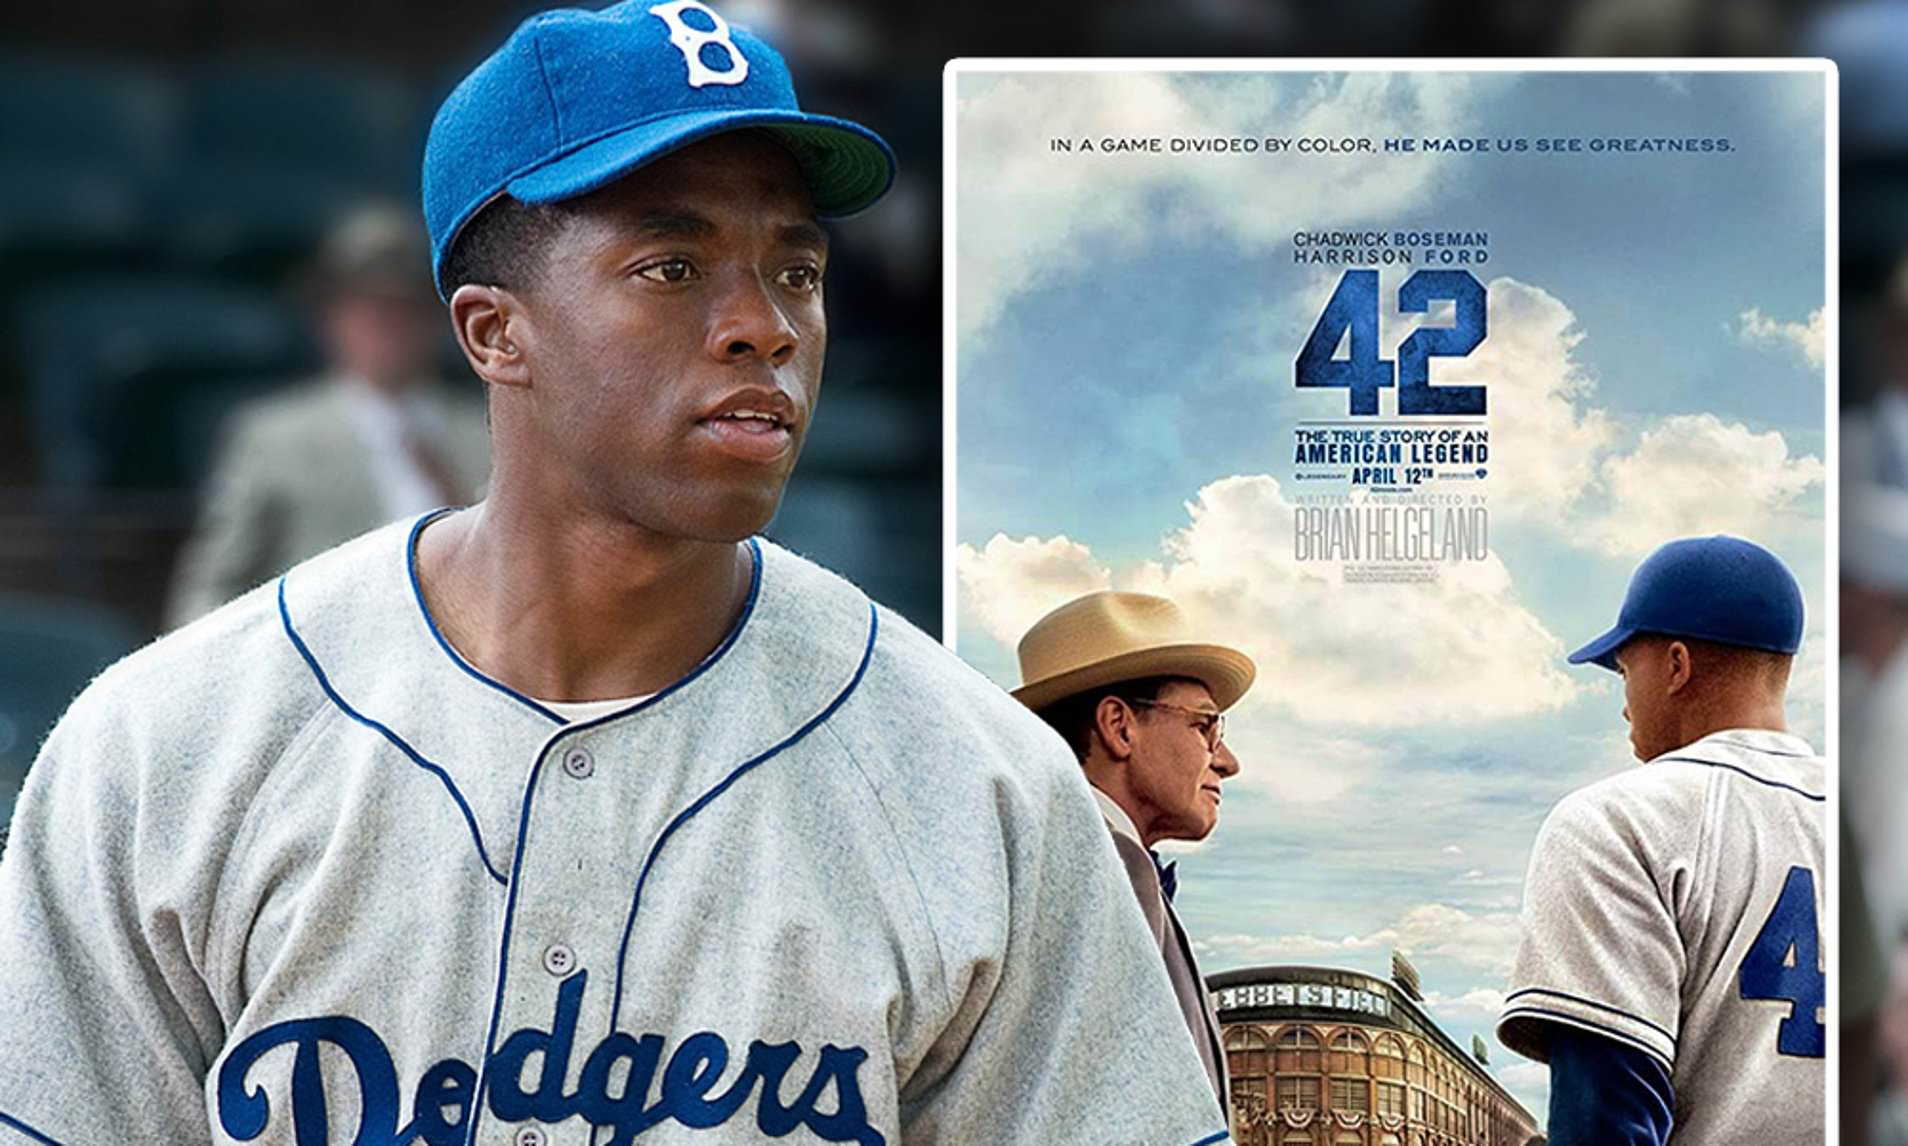 چدویک بوزمن در فیلم 42 نقش جکی رابینسن را ایفا می کند